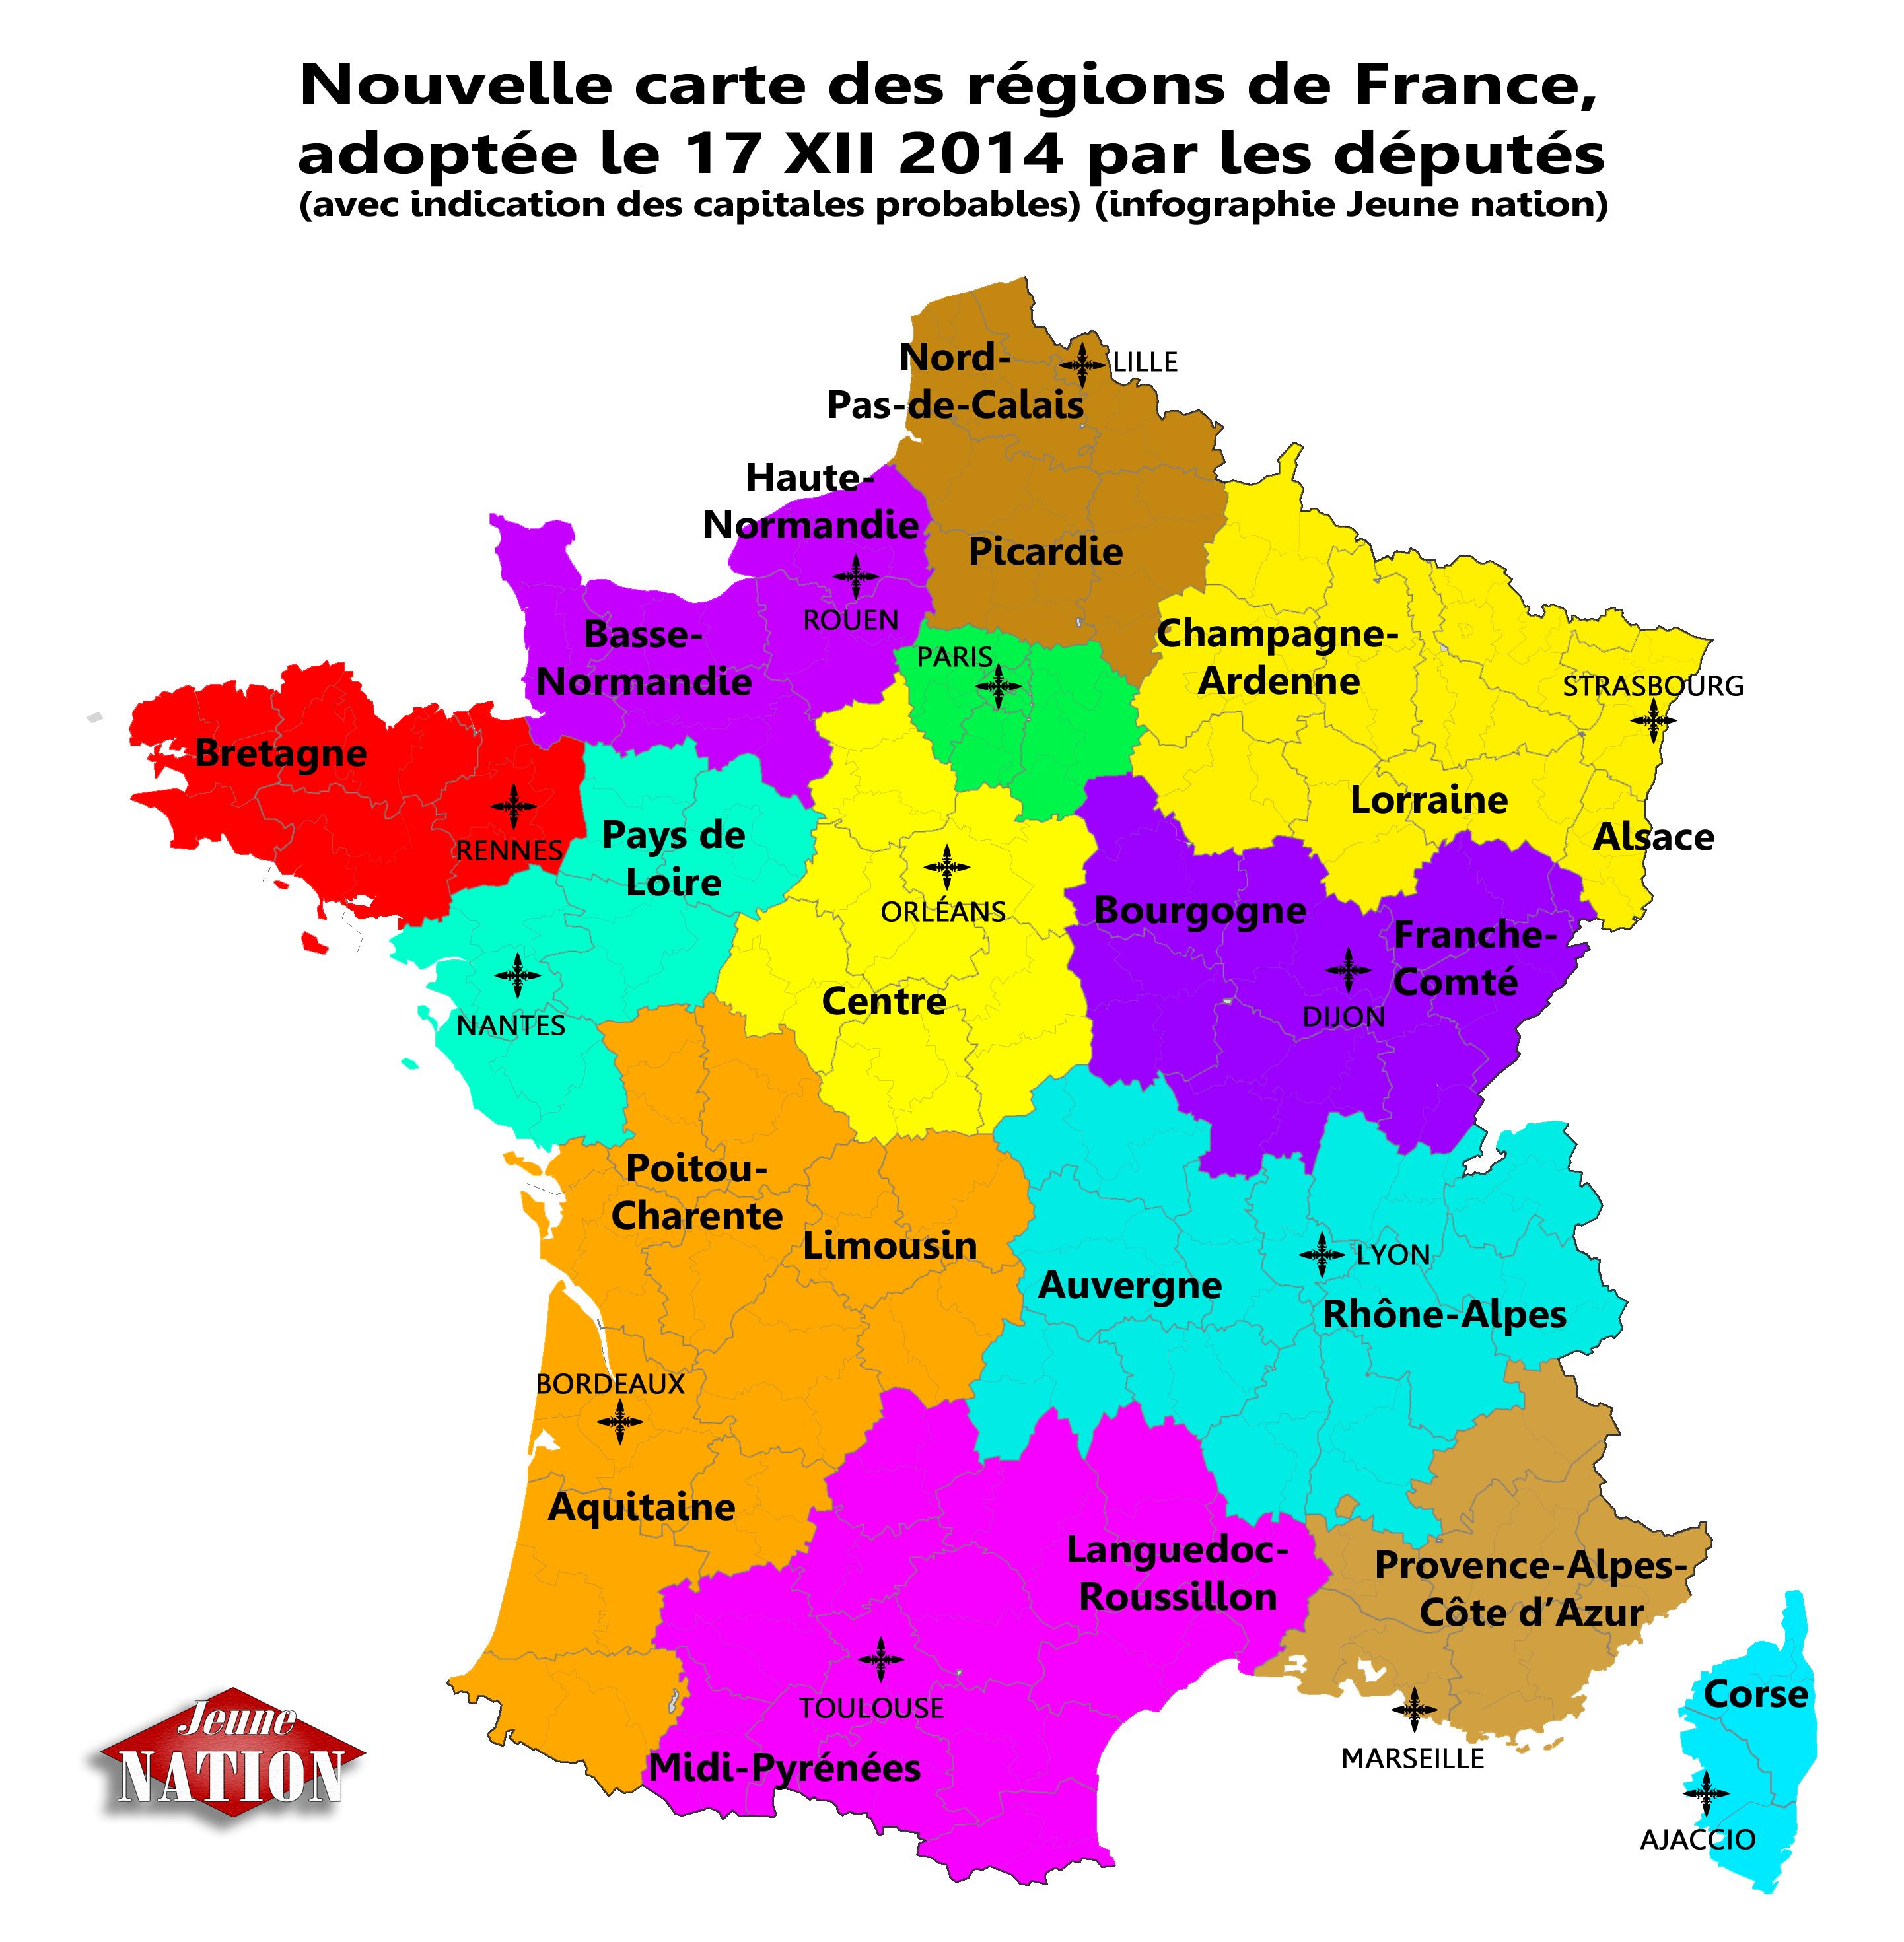 Réforme territoriale : les députés valident définitivement une carte à treize régions | Jeune Nation